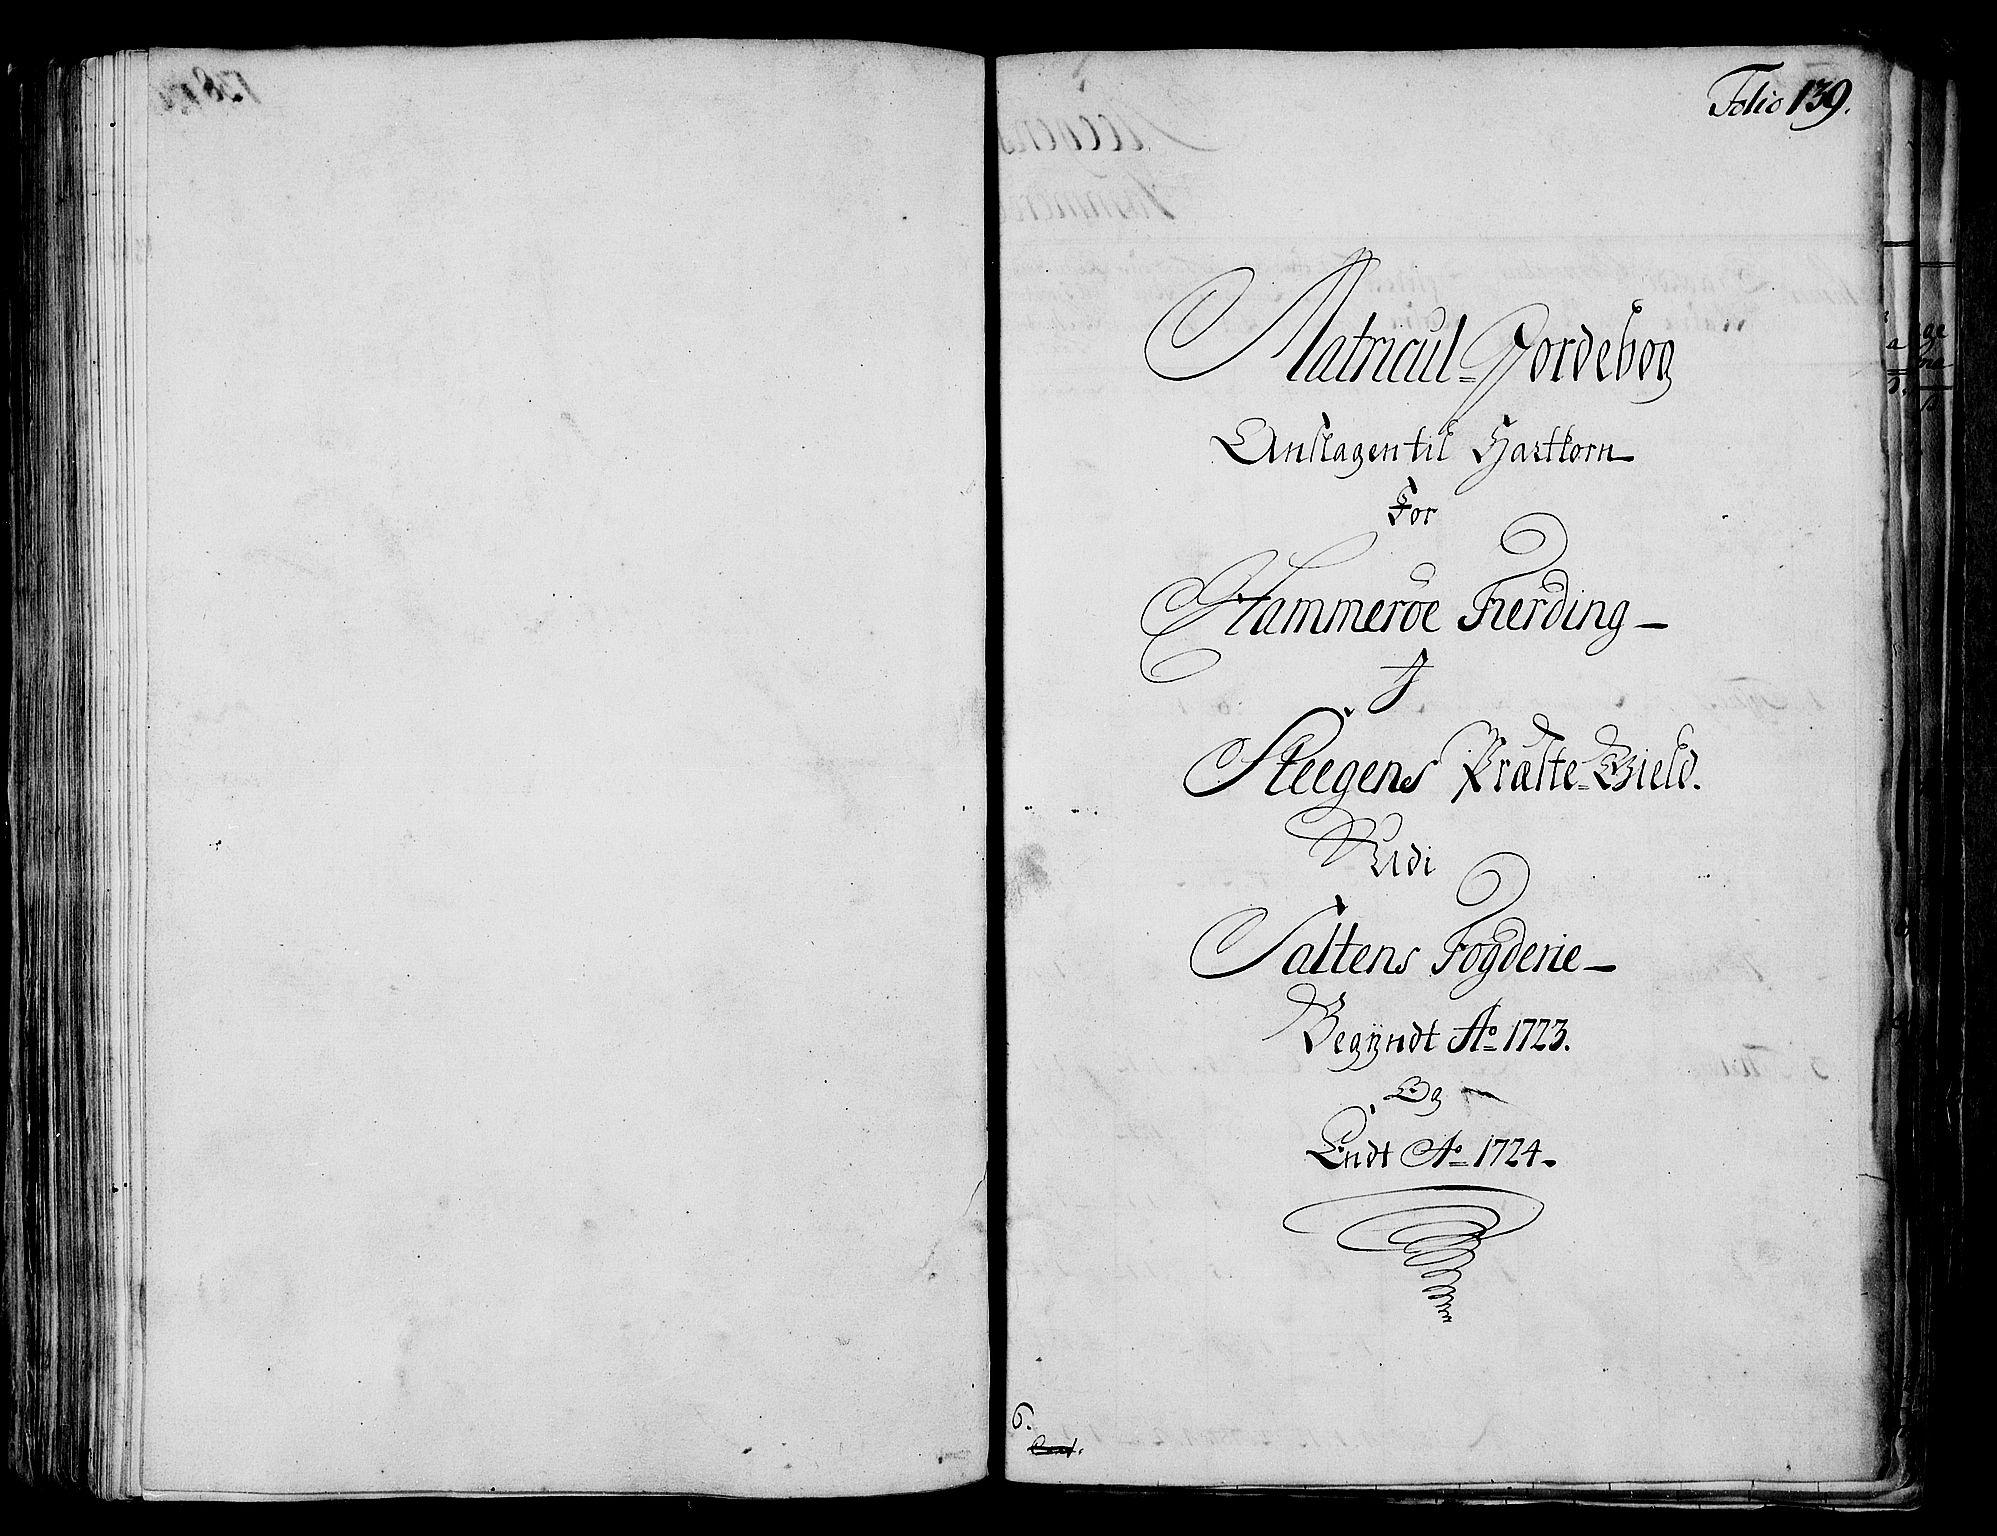 RA, Rentekammeret inntil 1814, Realistisk ordnet avdeling, N/Nb/Nbf/L0173: Salten matrikkelprotokoll, 1723, s. 138b-139a